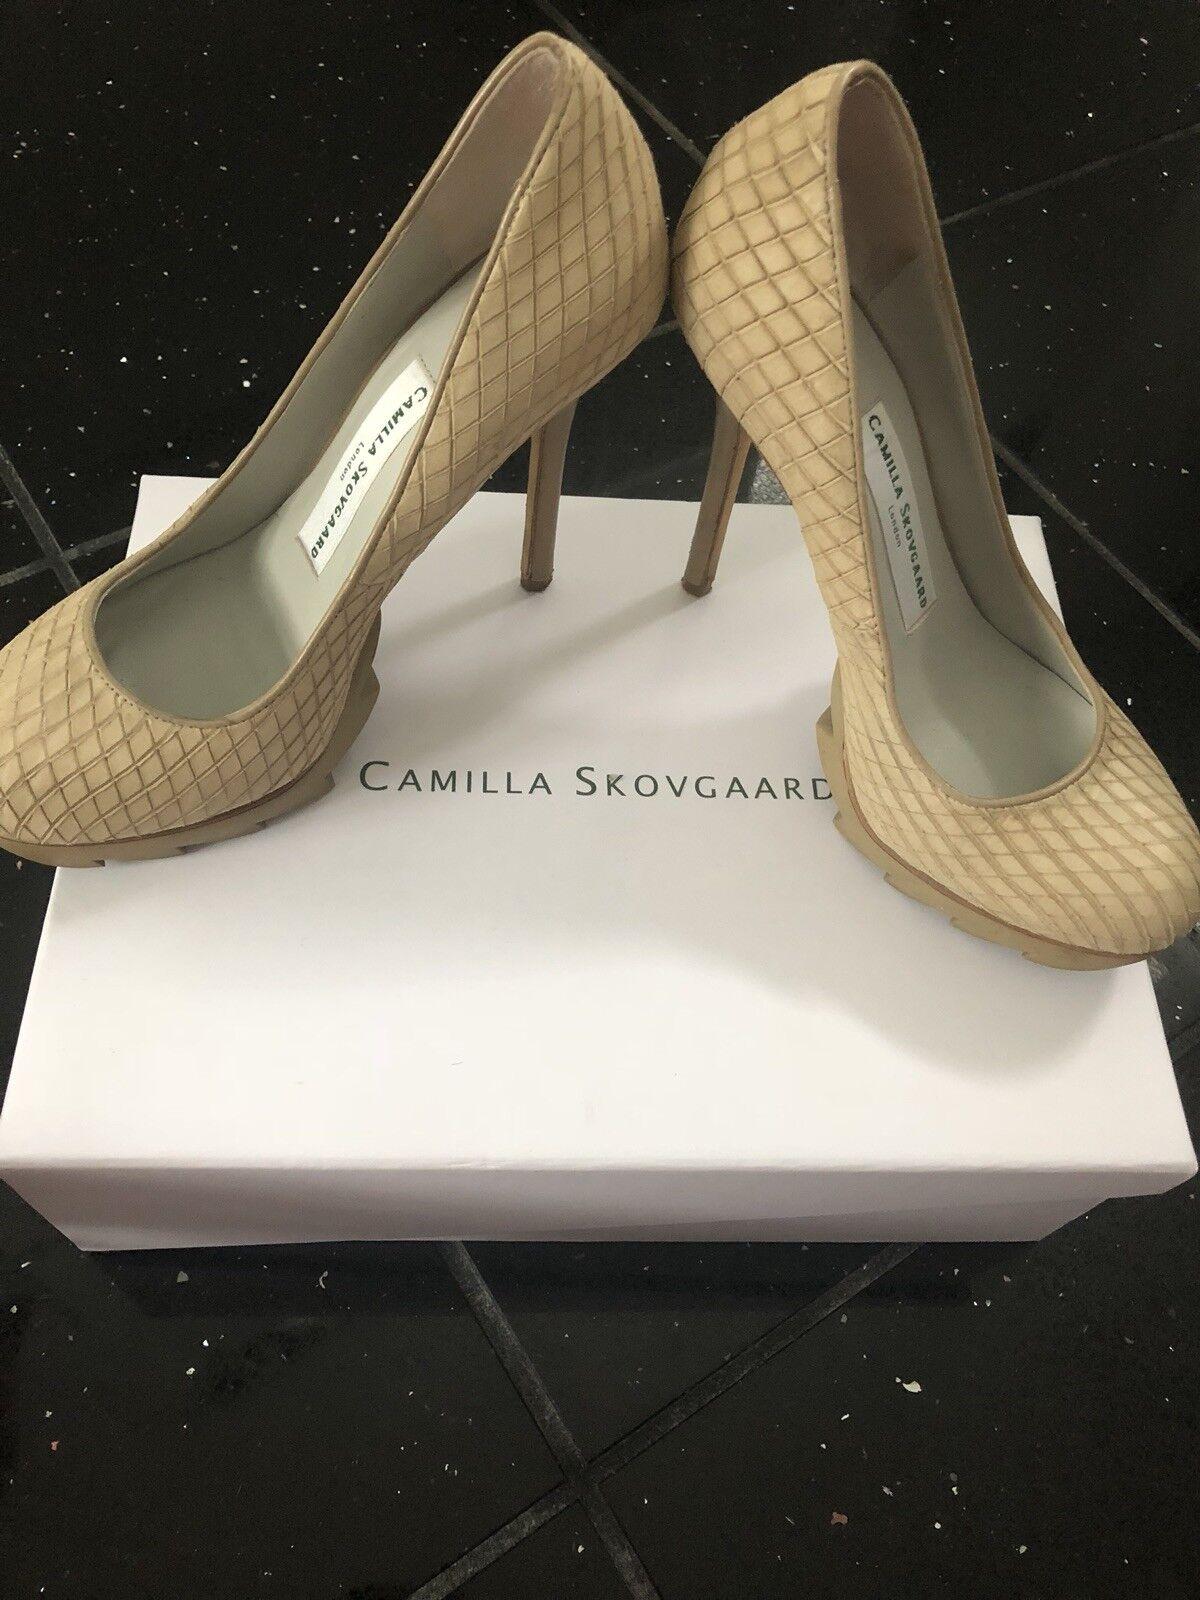 Camilla skovgaard Stiletto Pump Size 37